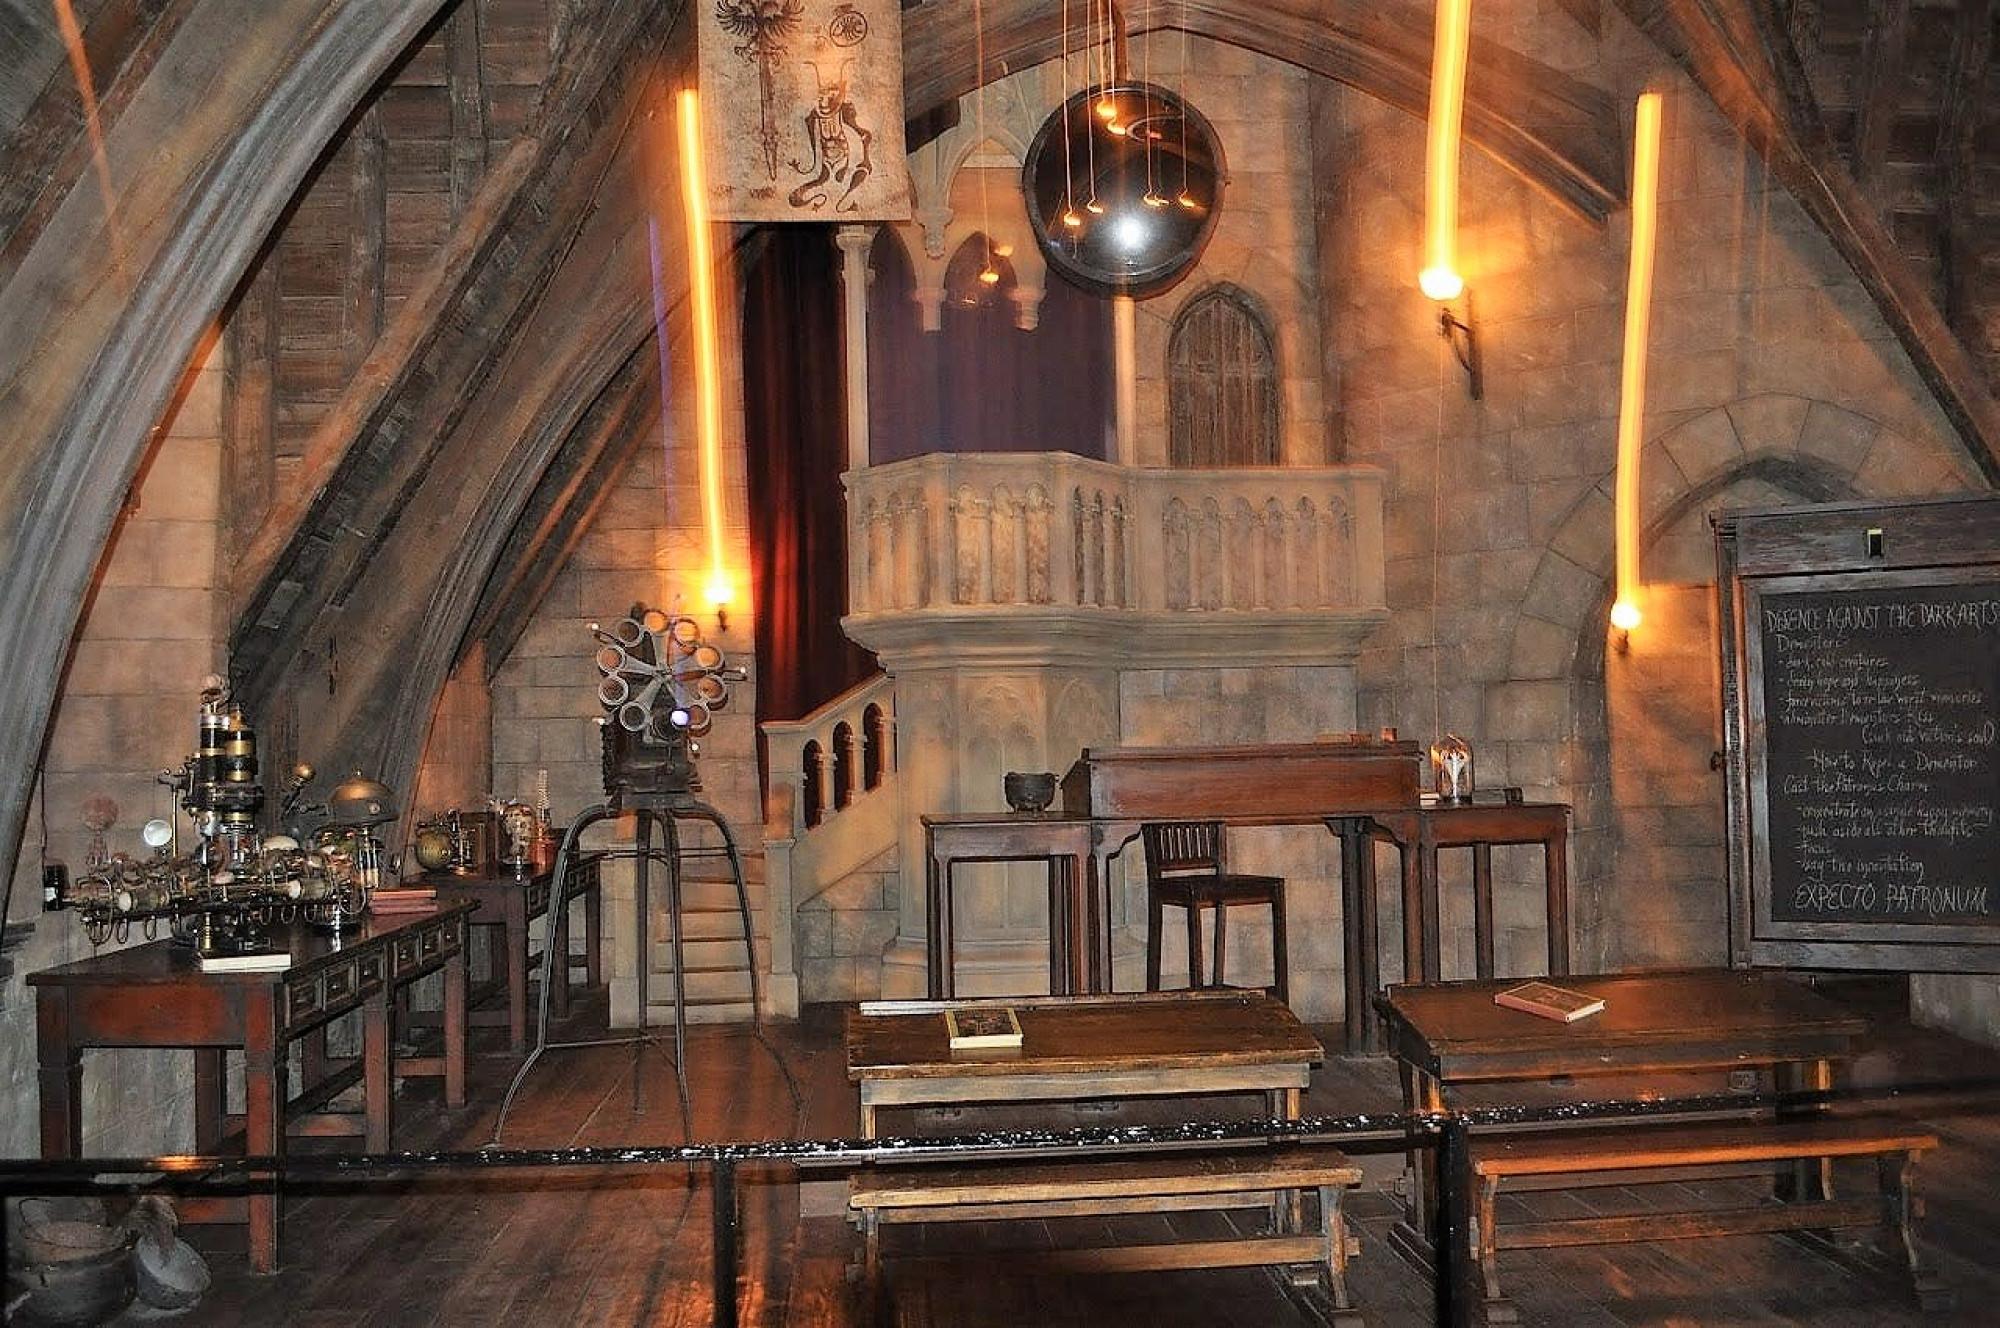 闇と魔術の防衛術の部屋